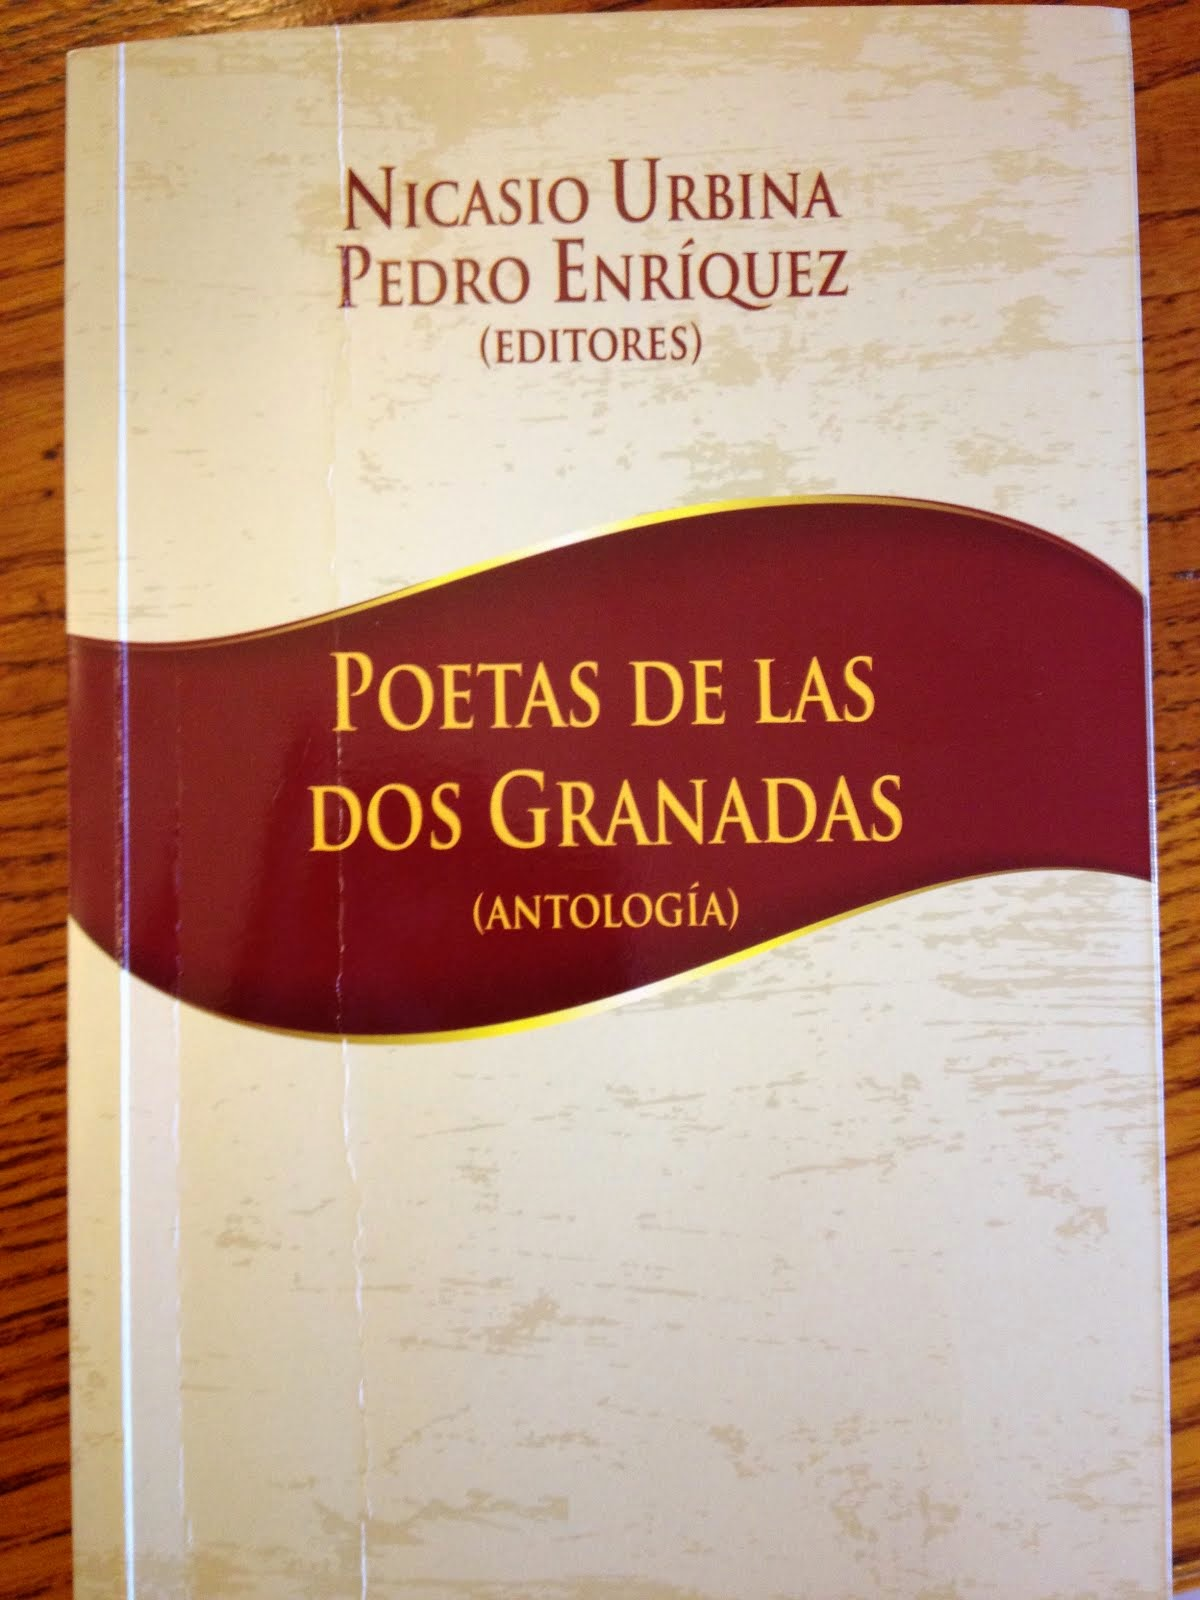 Edición nicaragüense